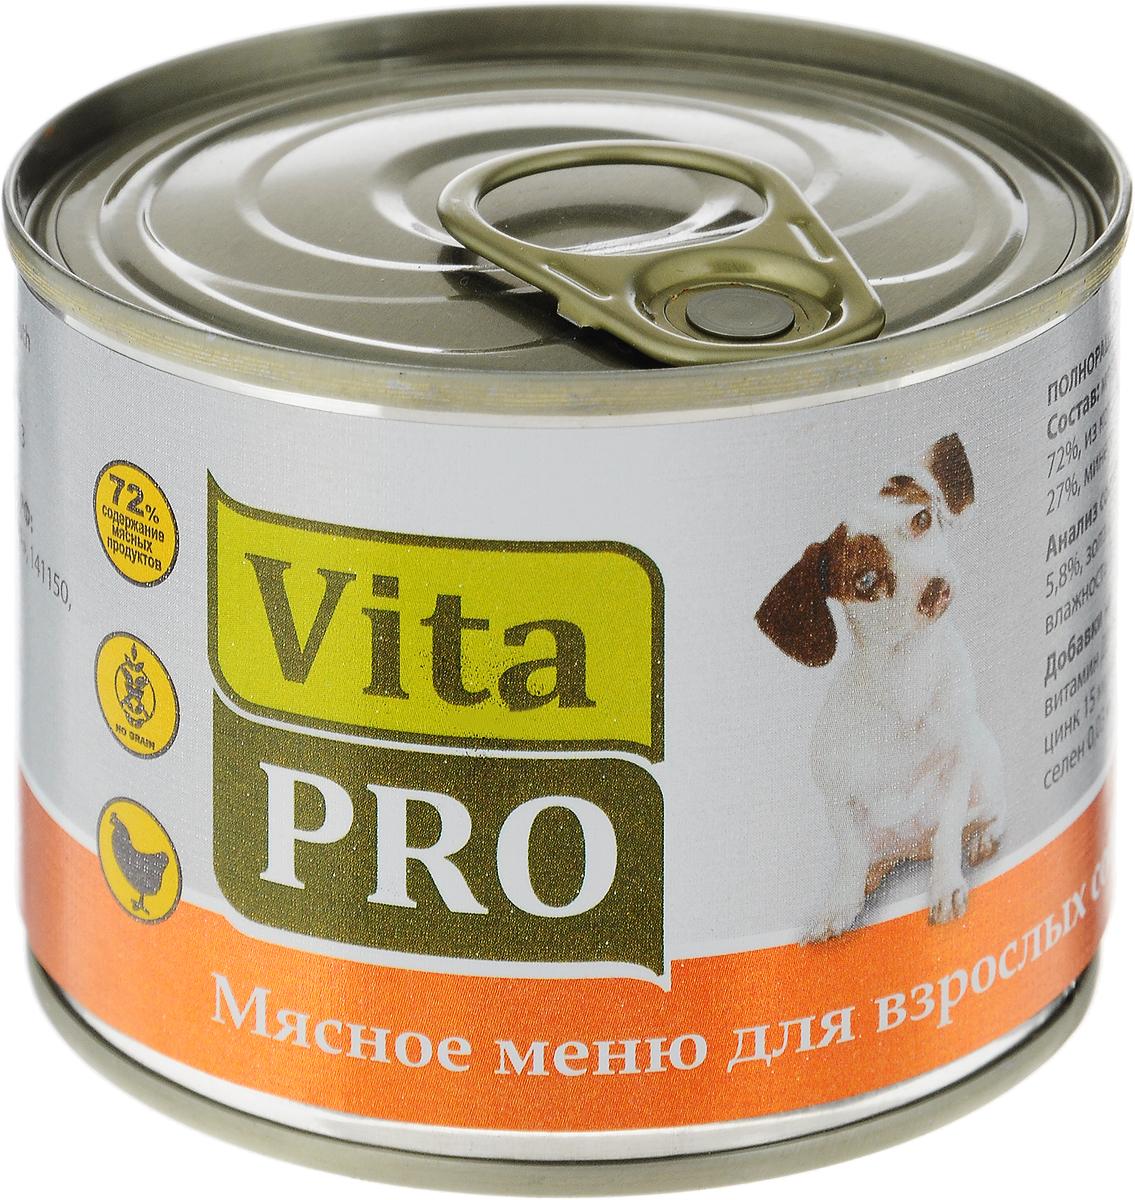 Консервы Vita ProМясное меню для собак, курица, 200 г0120710Консервы Vita ProМясное меню - это корм из натурального мяса без овощей и злаков с добавлением кальция для растущего организма. Не содержит искусственных красителей и усилителей вкуса. Имеет крупнофаршевую текстуру.Товар сертифицирован.